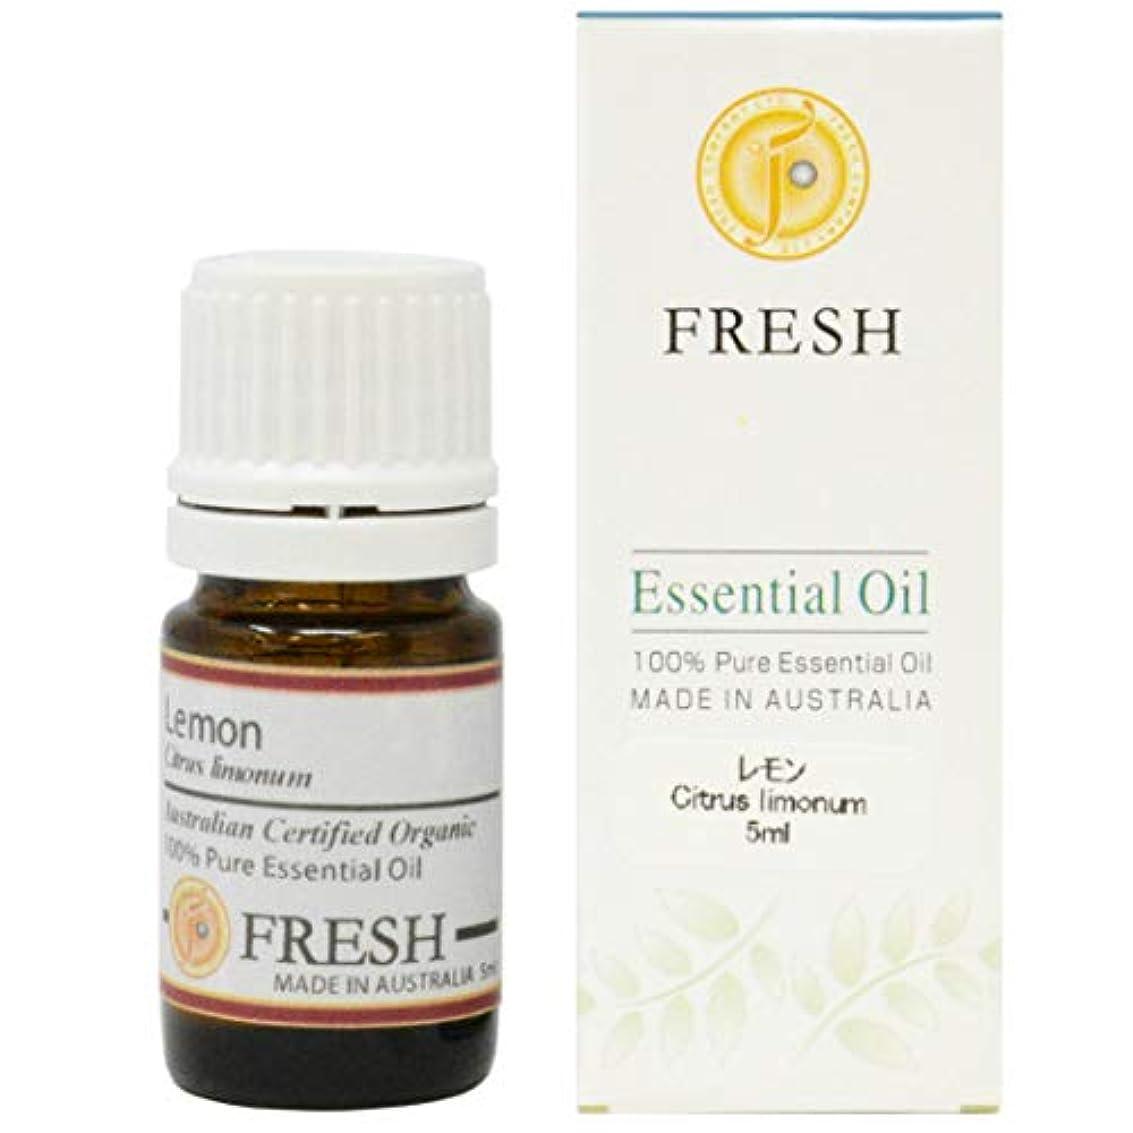 に応じて略す北米FRESH オーガニック エッセンシャルオイル レモン 5ml (FRESH 精油)